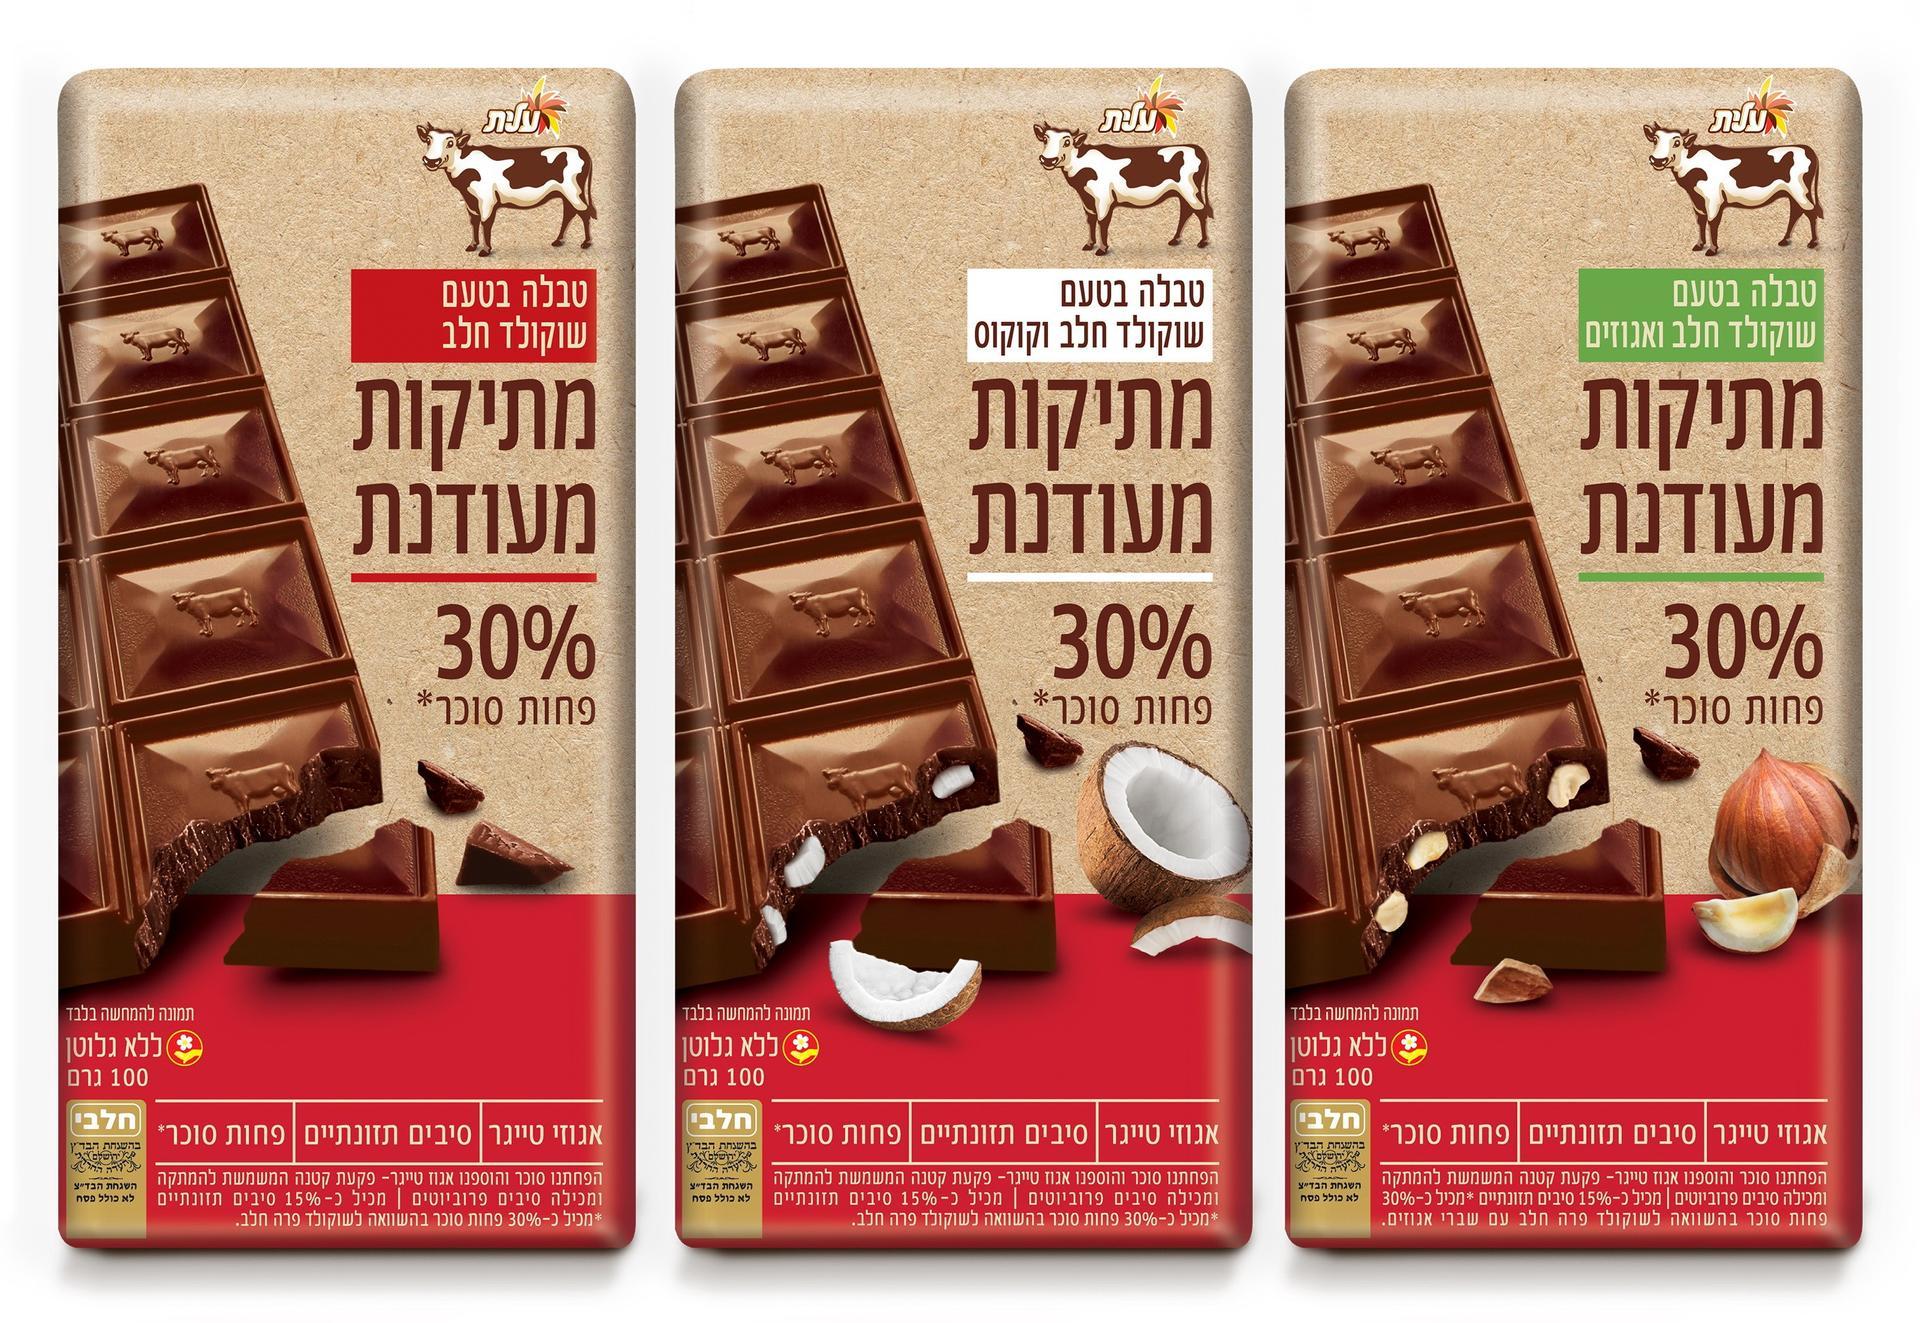 שוקולד פרה עם פחות סוכר. צילום: סטודיו שטראוס